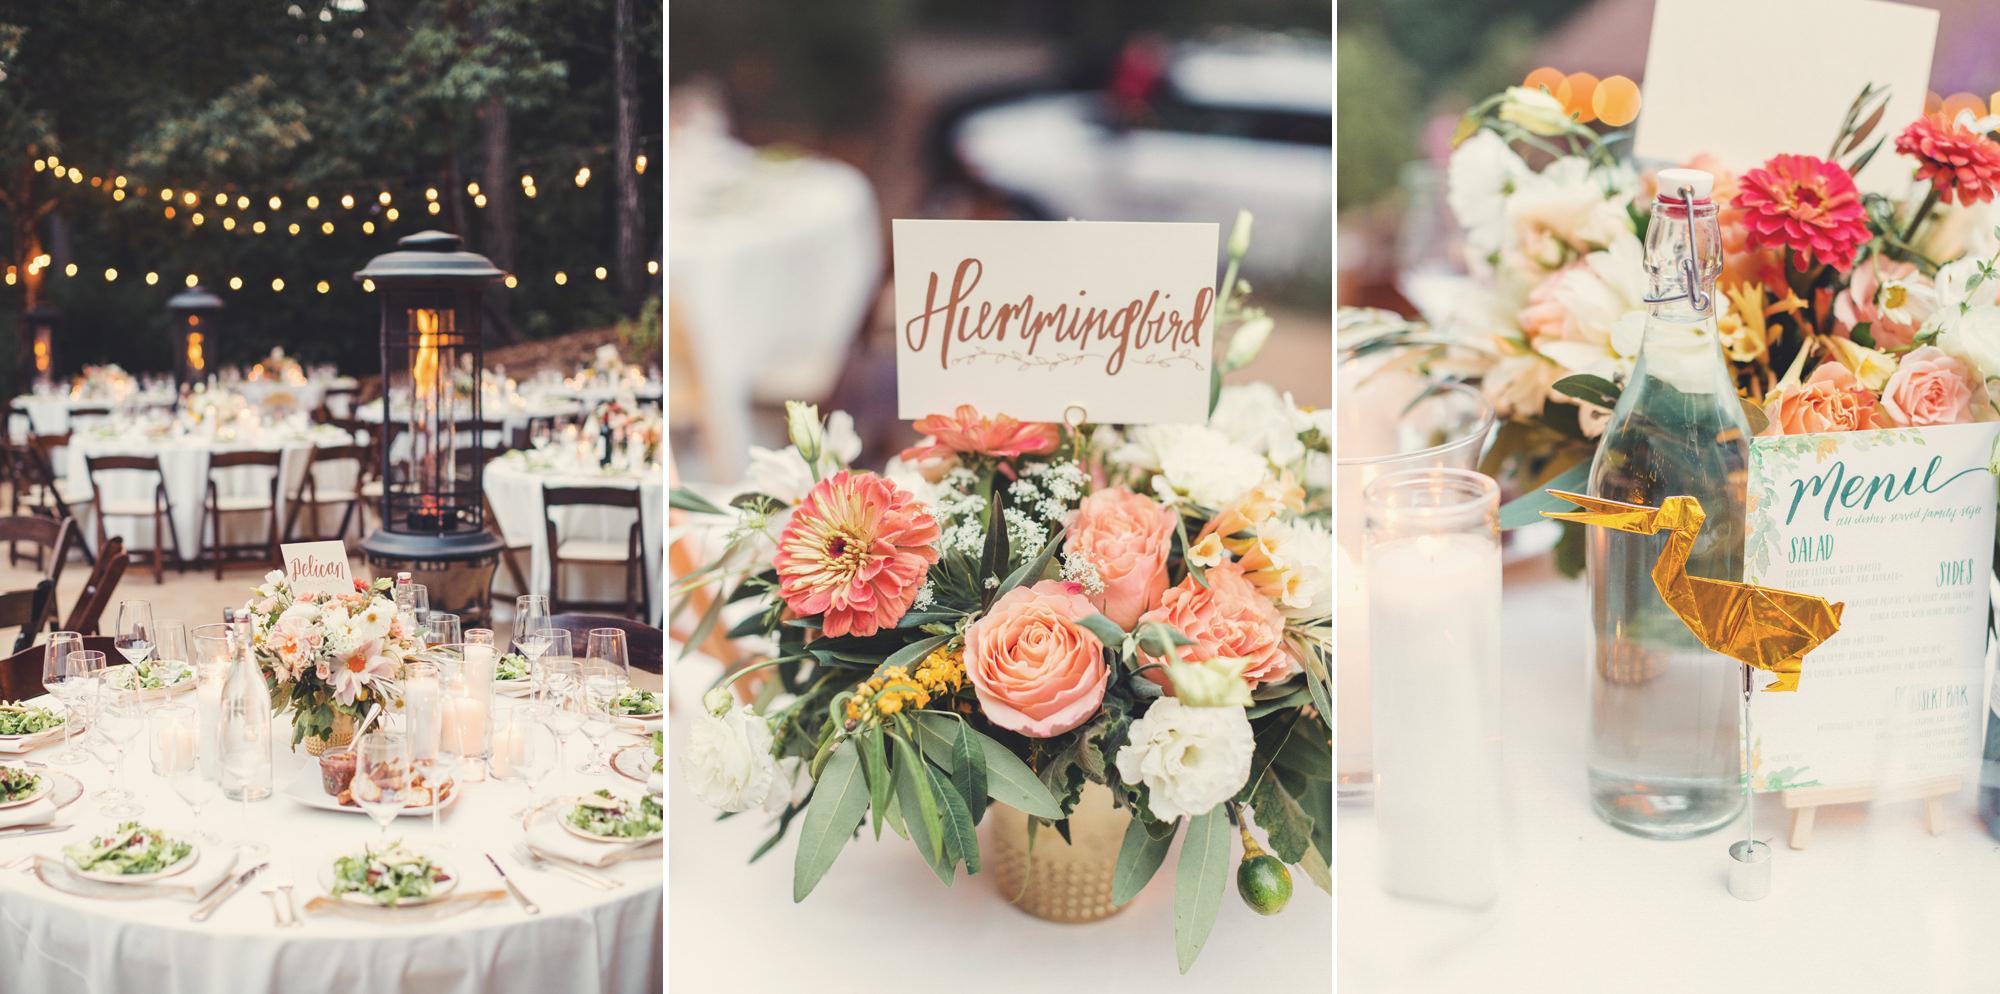 Sequoia Retreat Center Wedding@Anne-Claire Brun 176